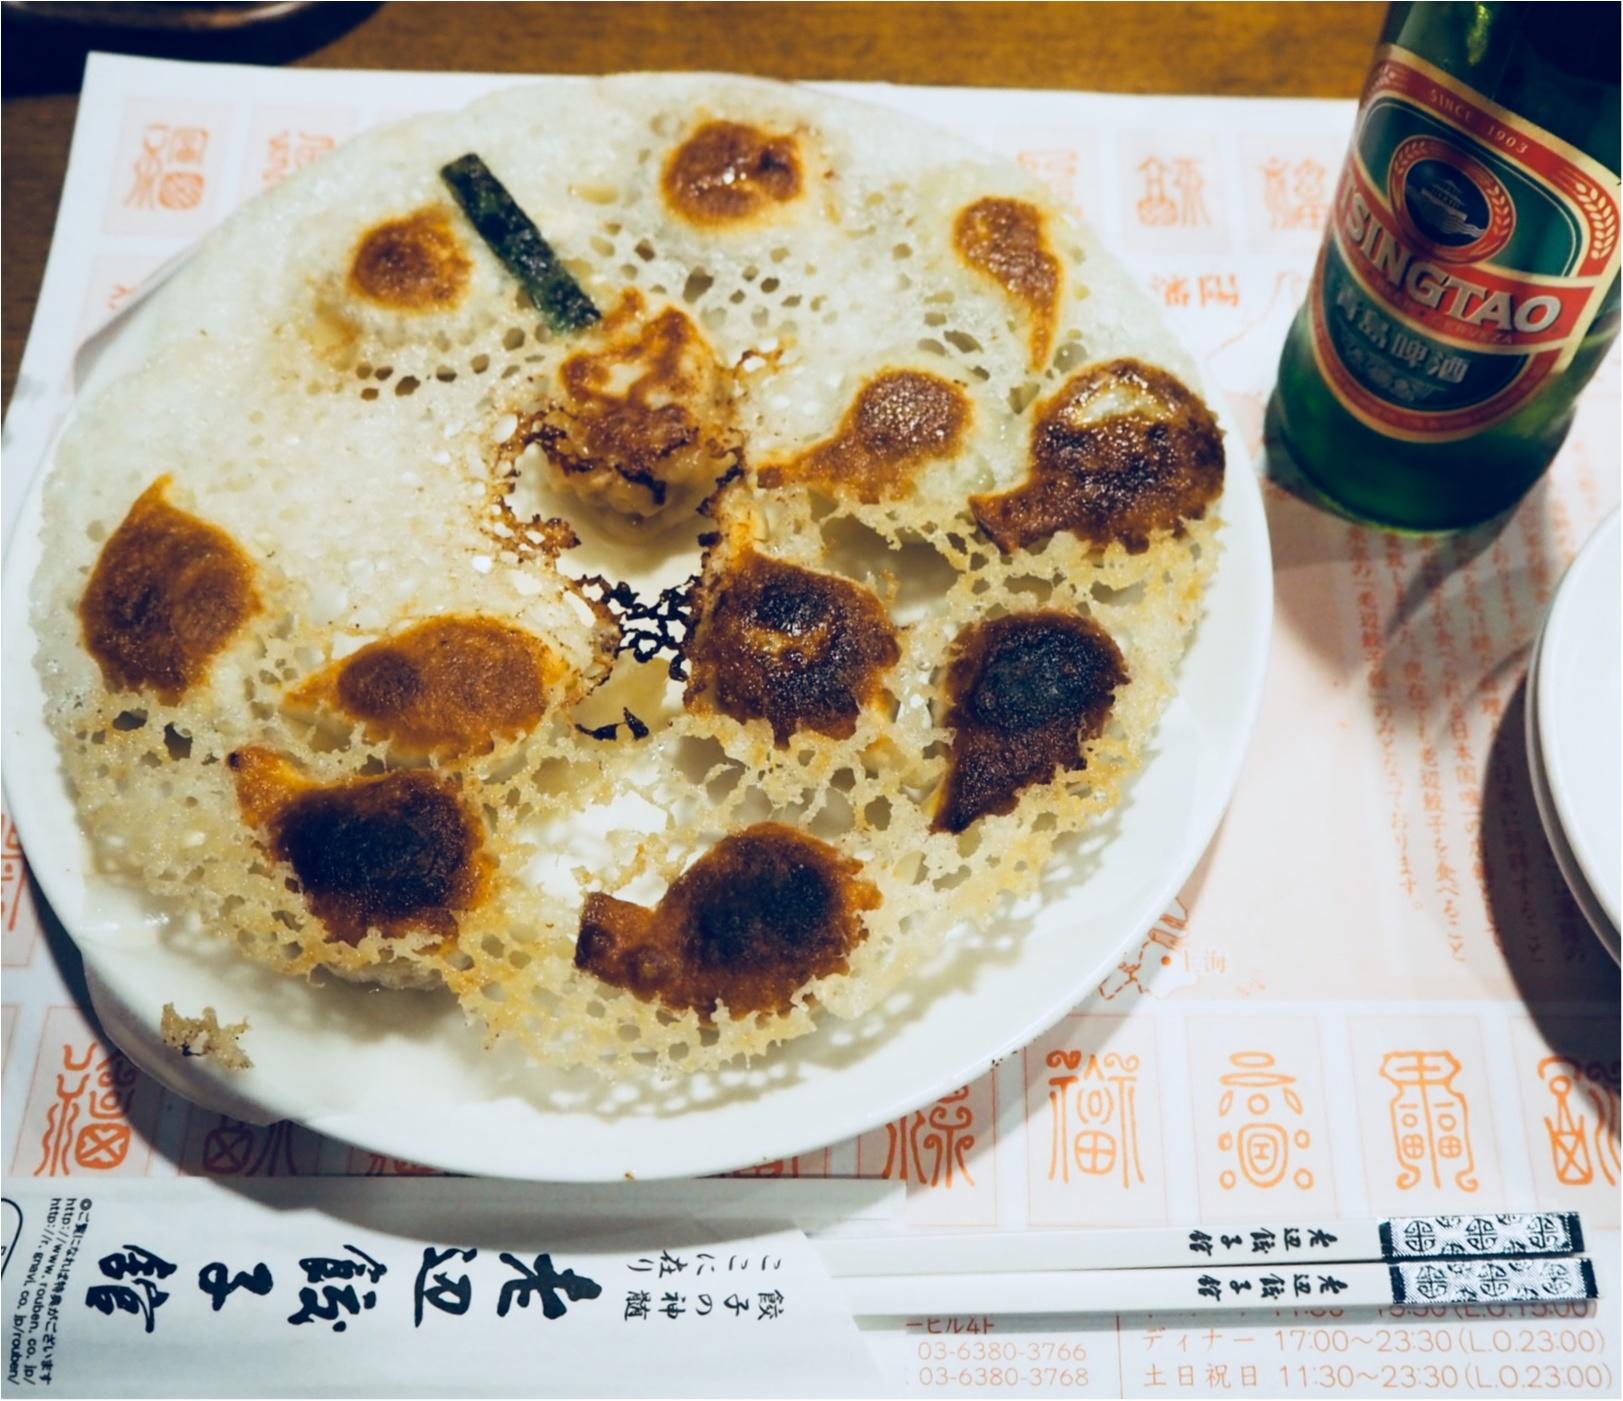 【新宿・老辺餃子】日本ではココだけ!清の皇帝も大絶賛した歴史ある餃子をぜひ味わってみて〜❤︎_3